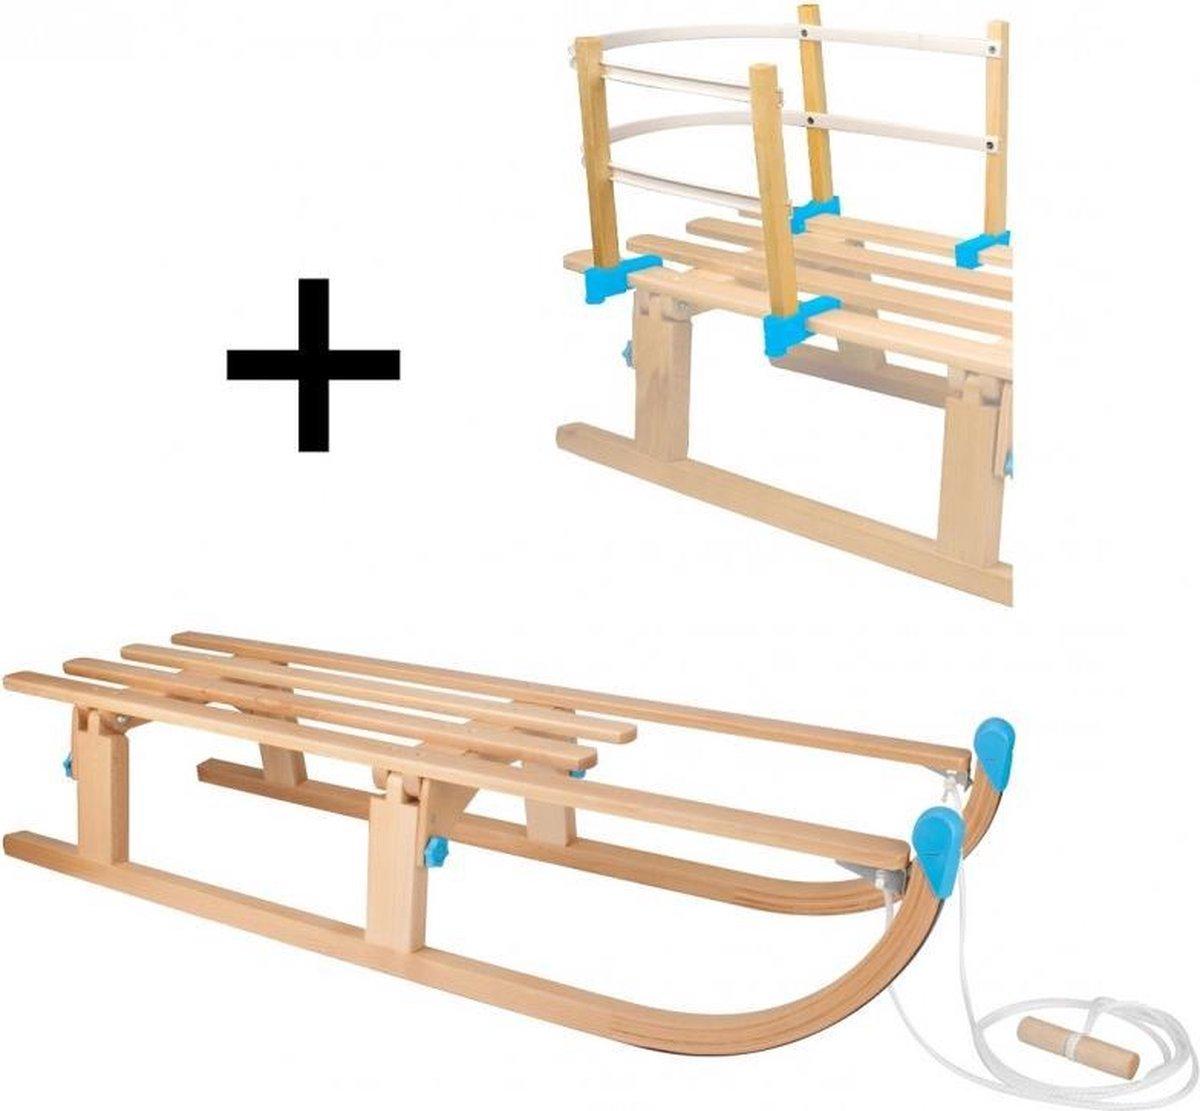 Slede hout opklapbaar 110 cm + rugleuning en touw - (houten slee) 0263